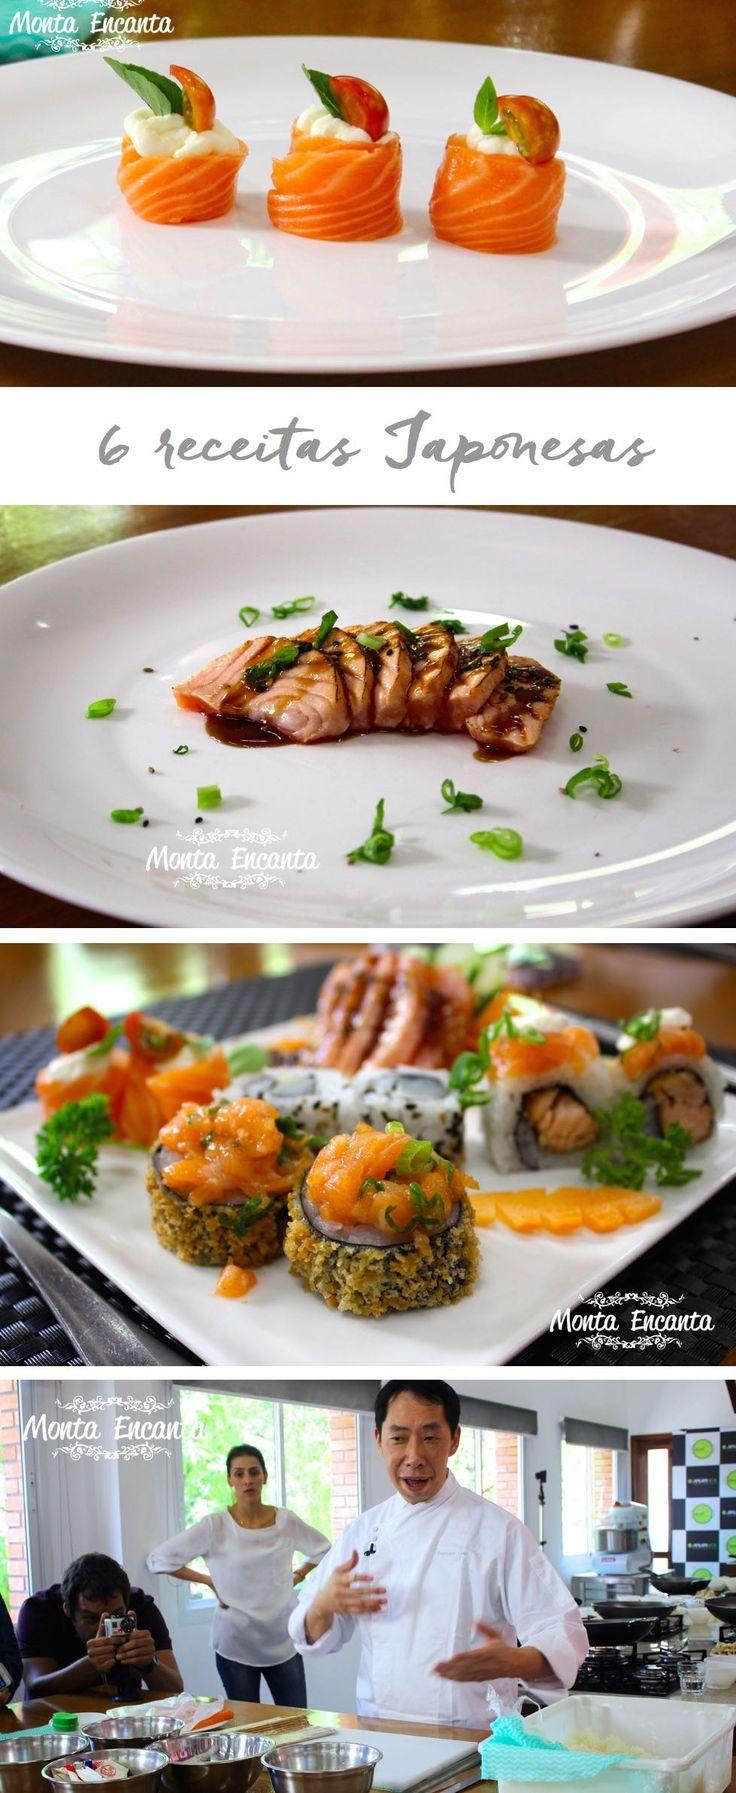 Jin Jin wok receitas: Arroz Yakimeshi, Frango com Shimeji, Pipoca de Camarão, Beef Chinês e Caramelo para decorar a sobremesa